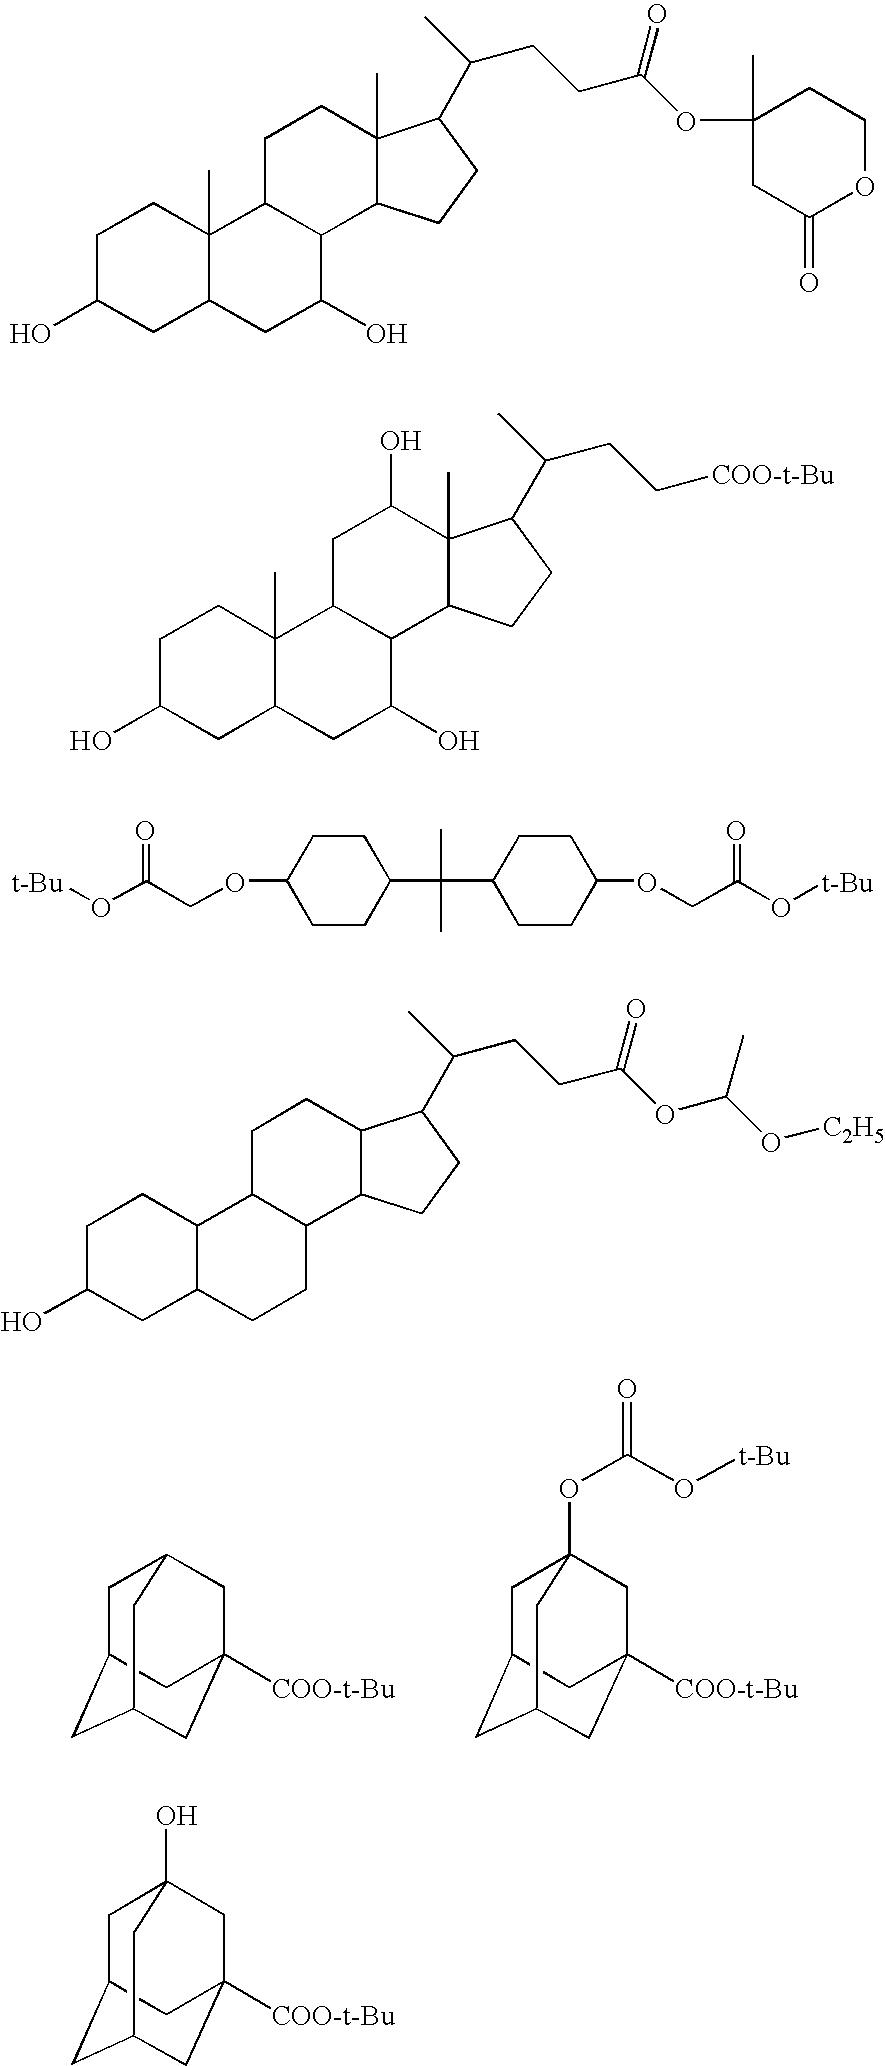 Figure US20070003871A1-20070104-C00080